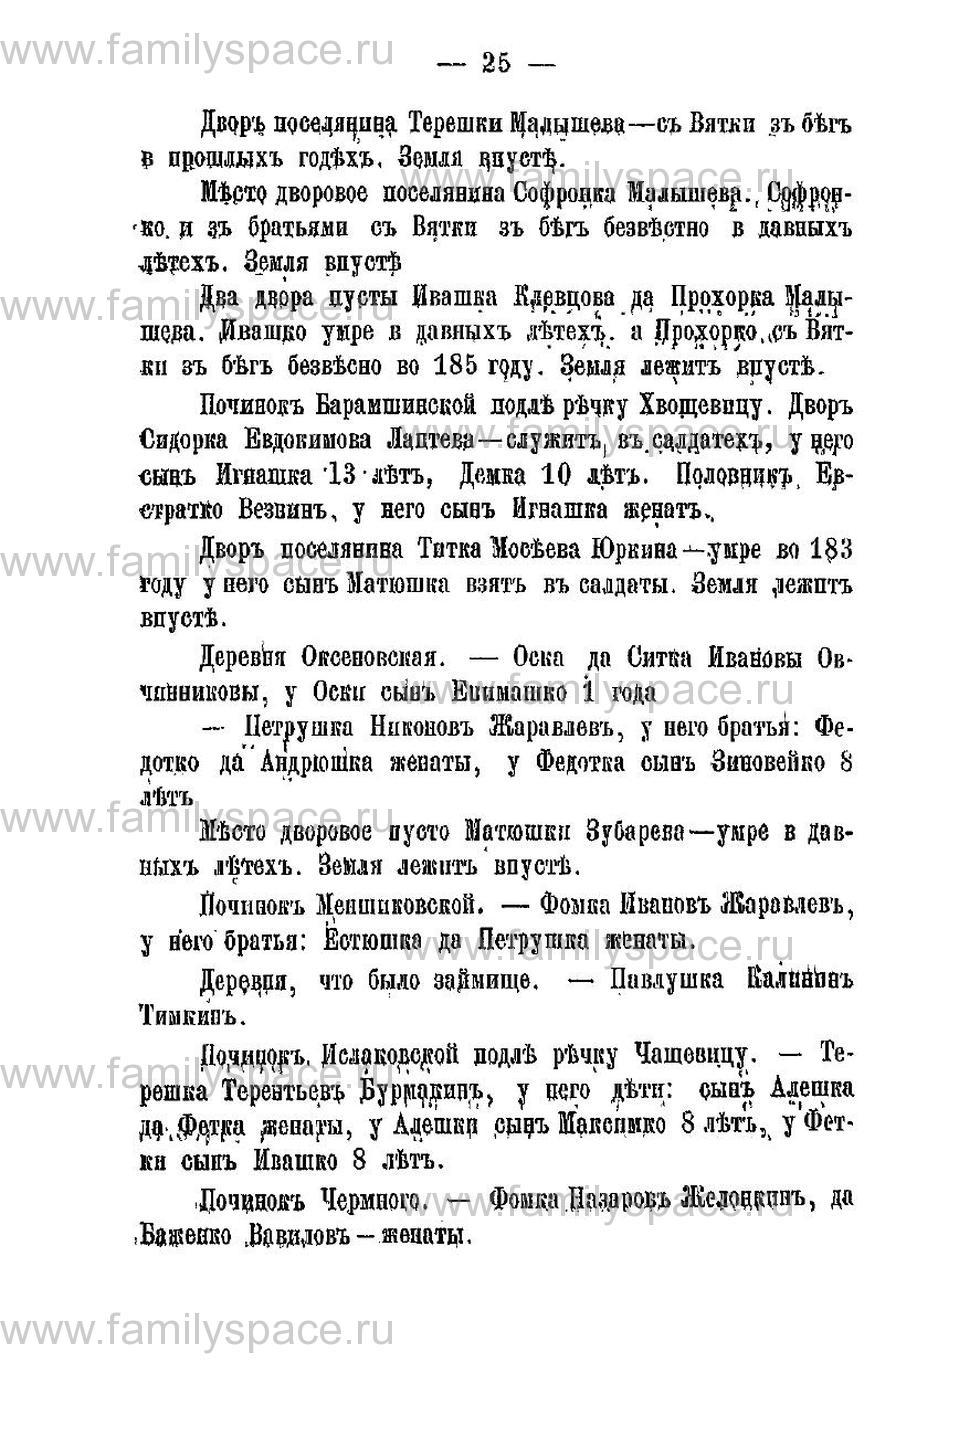 Поиск по фамилии - Переписная книга Орлова и волостей 1678 г, страница 21